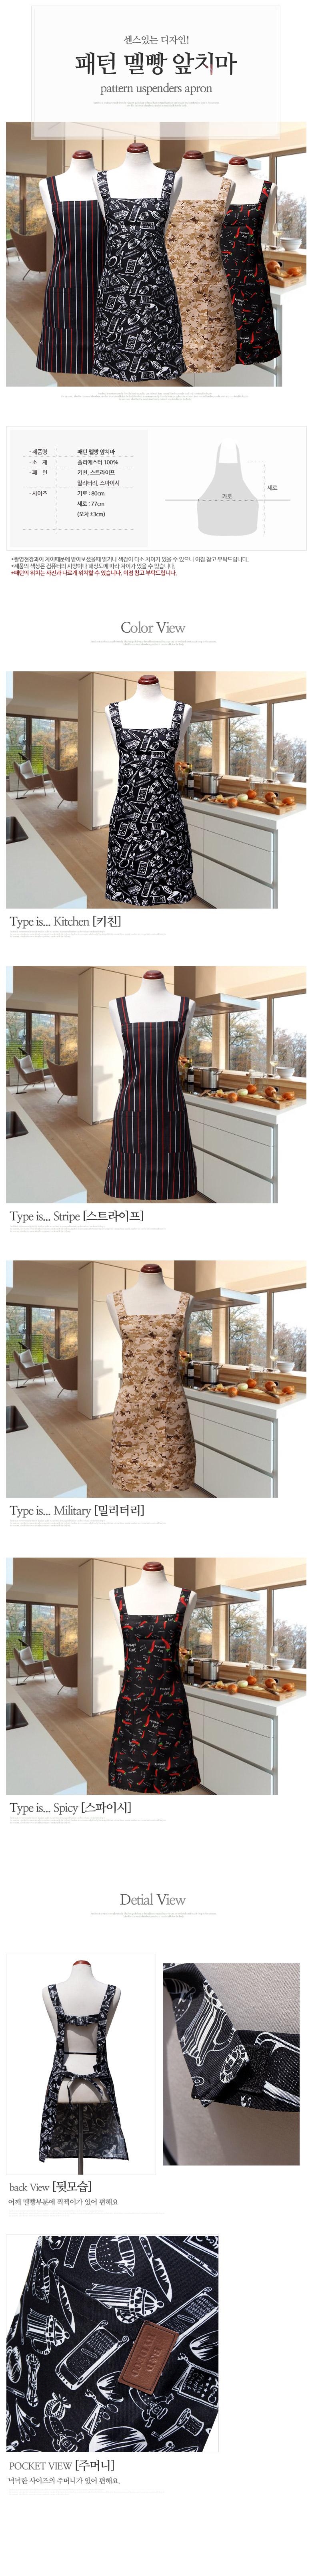 패턴 멜빵 앞치마 - 바이데코, 4,800원, 앞치마, 원피스 앞치마